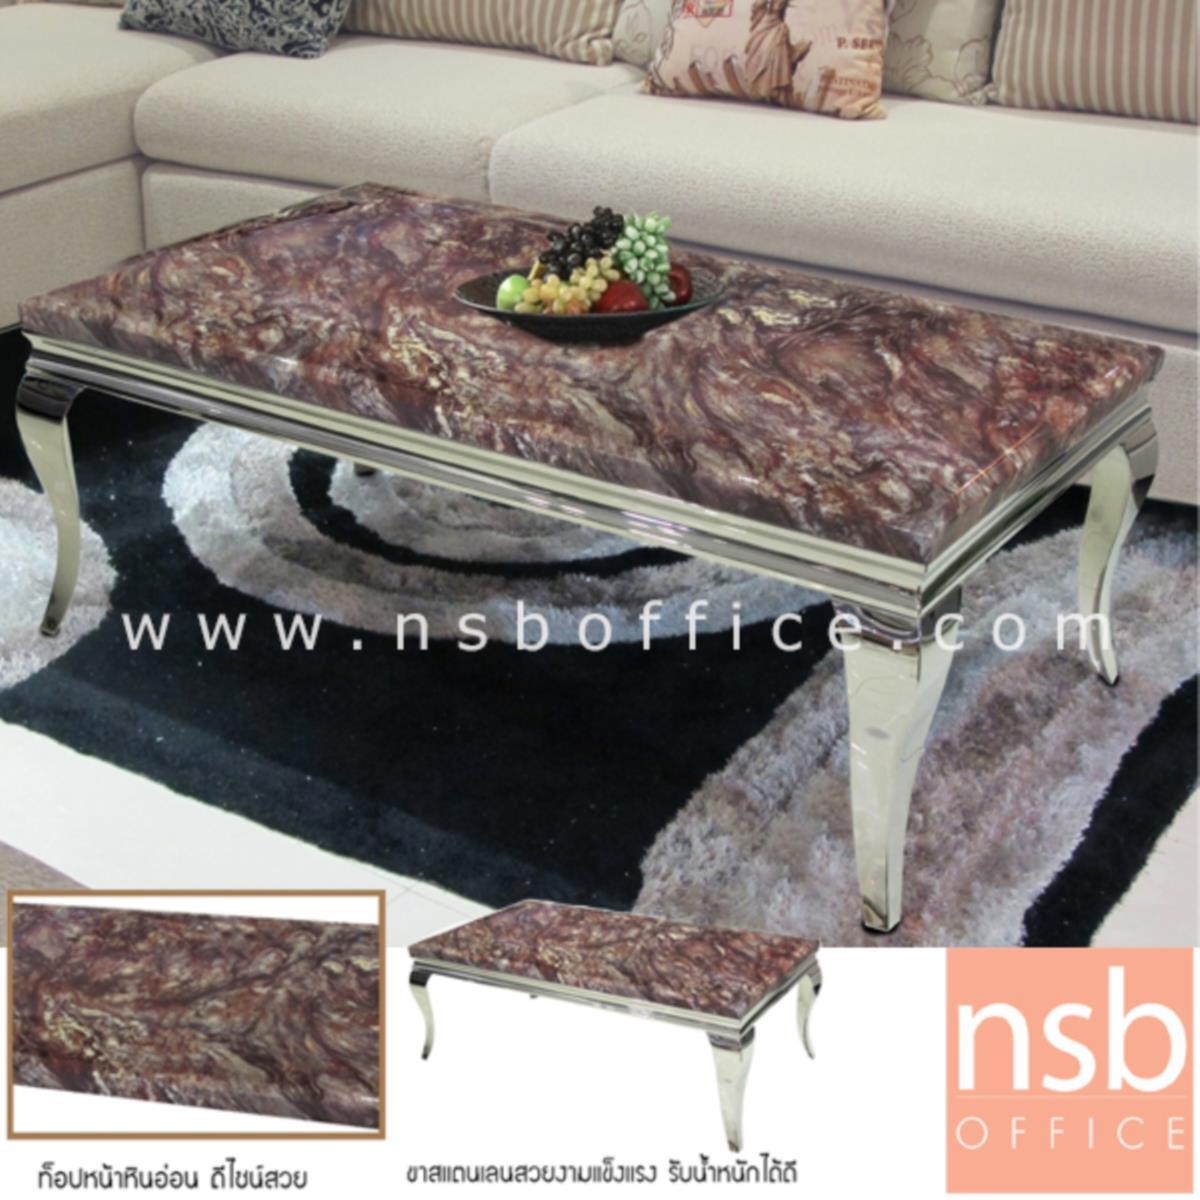 โต๊ะกลางหินอ่อน  รุ่น Backstreet (แบ็กสตรีท) ขนาด 130W cm. โครงสเตนเลส